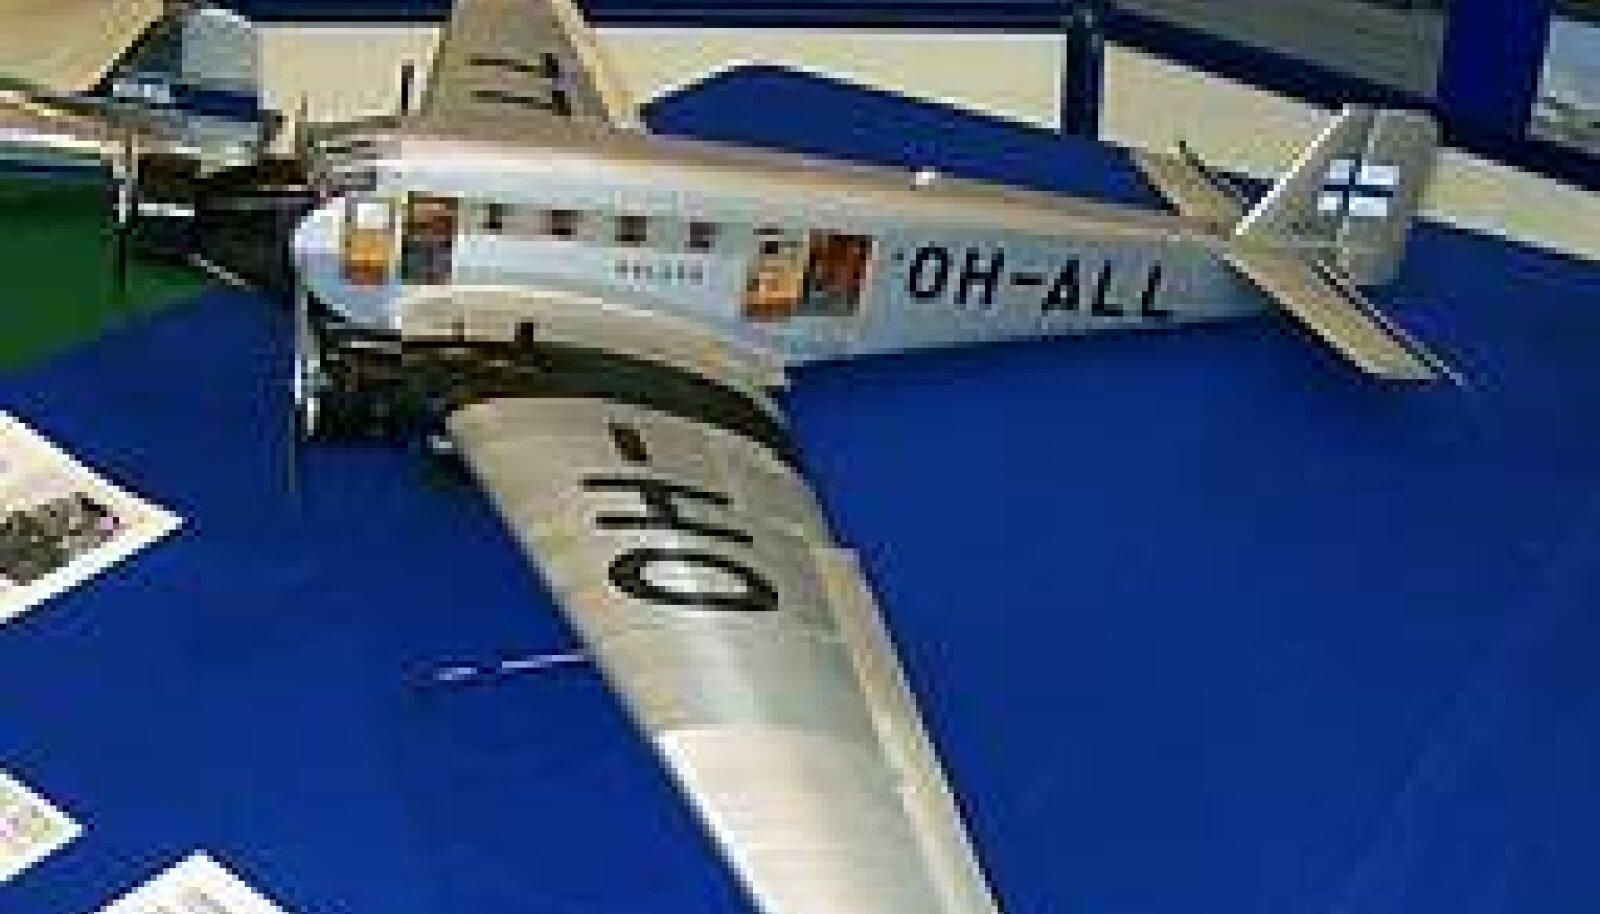 JÄLJETULT KADUNUD: Hoolimata Eesti meremuuseumi otsingutest pole Kaleva vrakki siiani merepõhjast leitud. Pildil lennuki makett Soome lennundusmuuseumis.